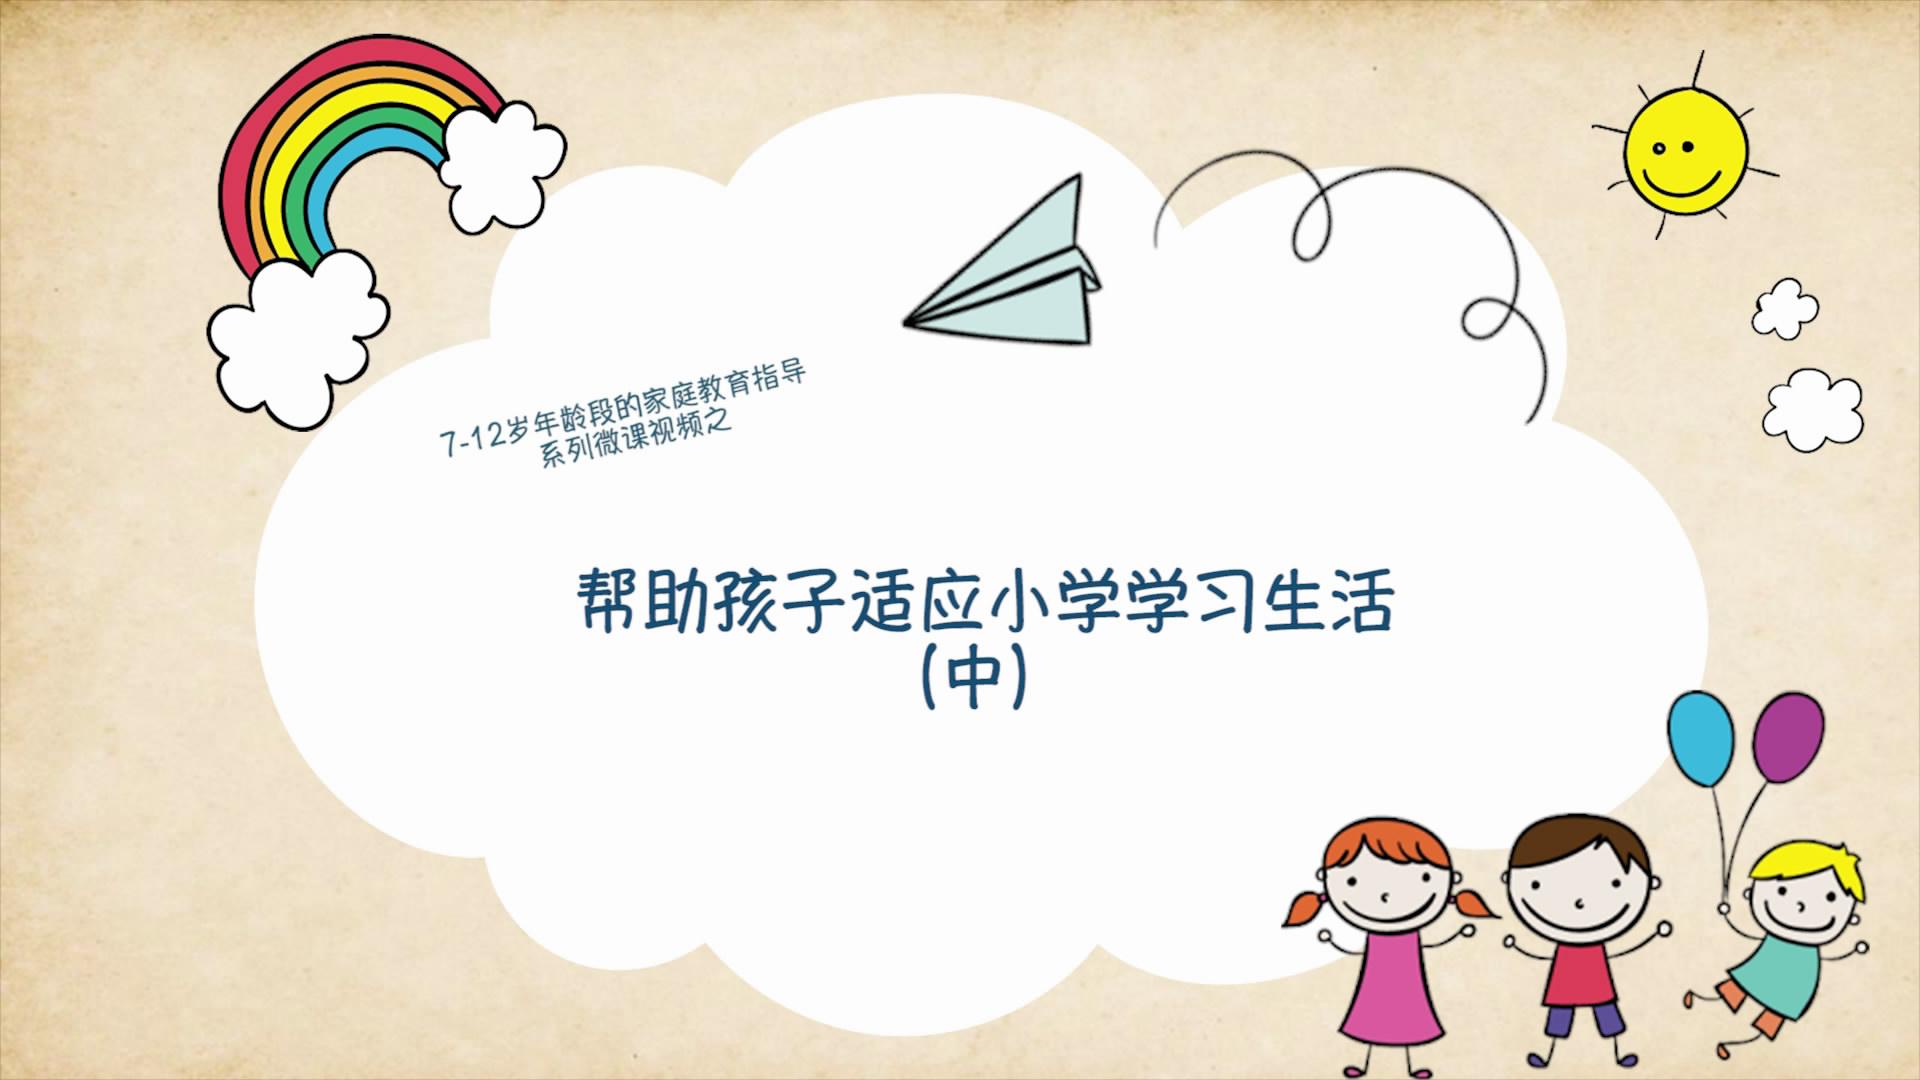 帮助孩子适应小学学习生活(中)